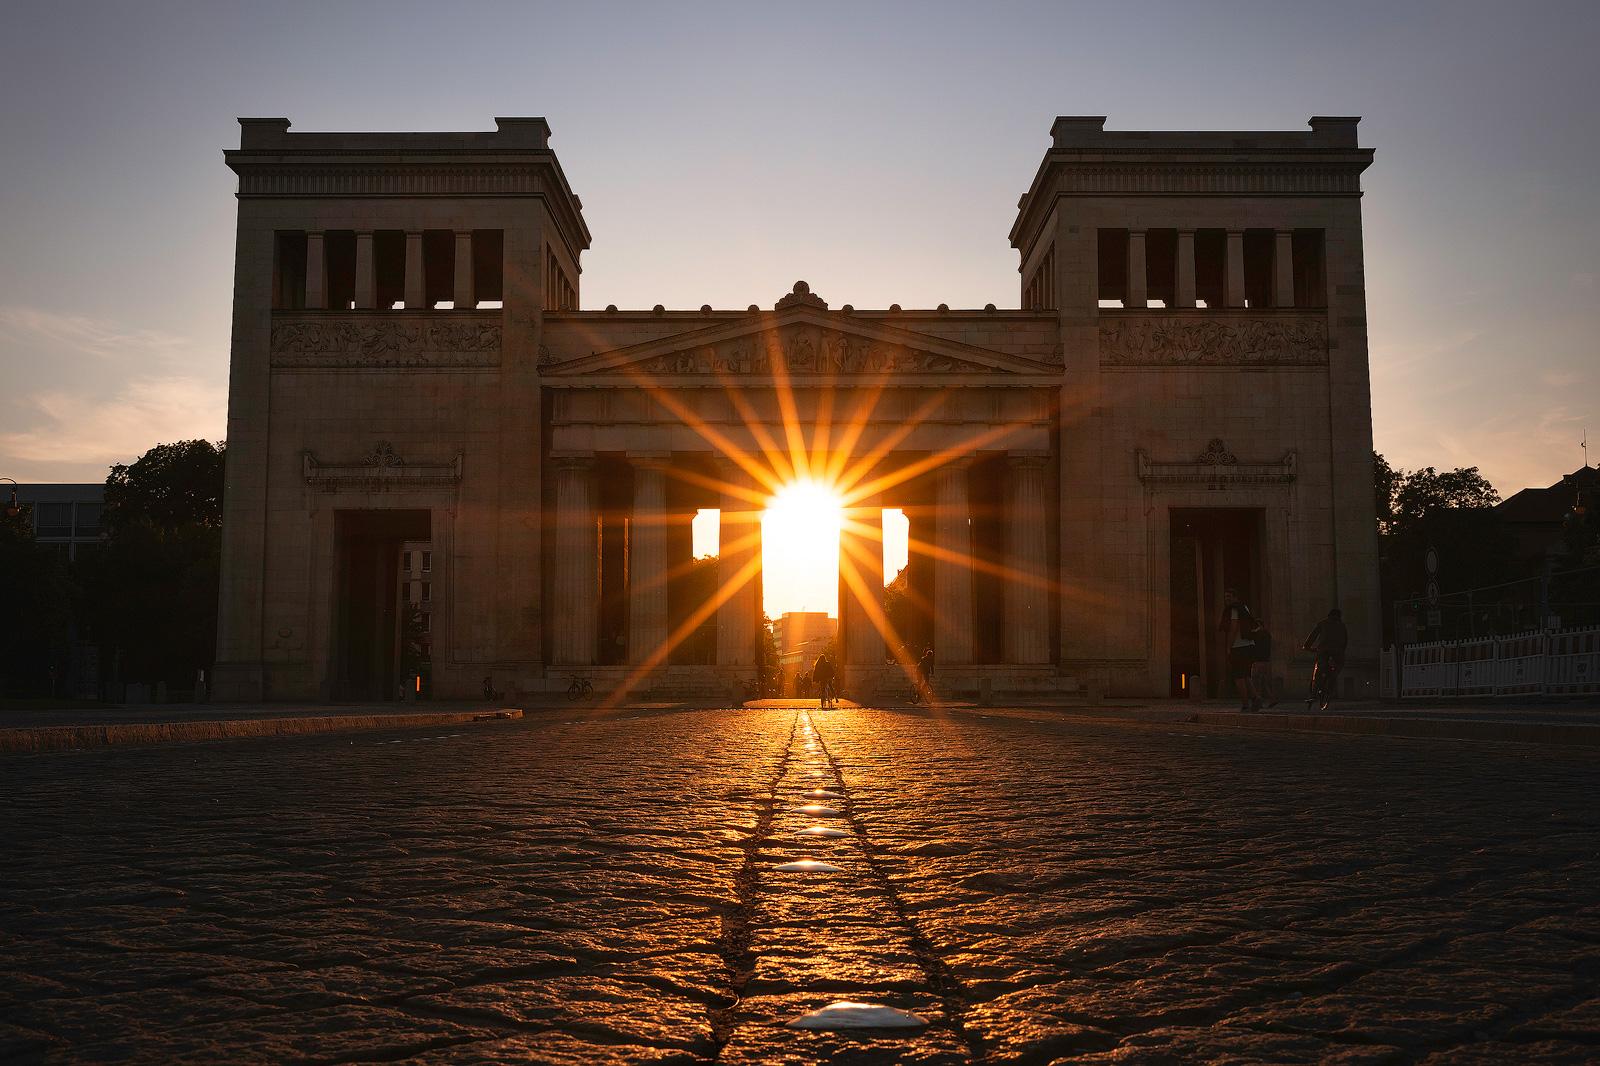 Sonnenstern beim Sonnenuntergang am Königsplatz in München